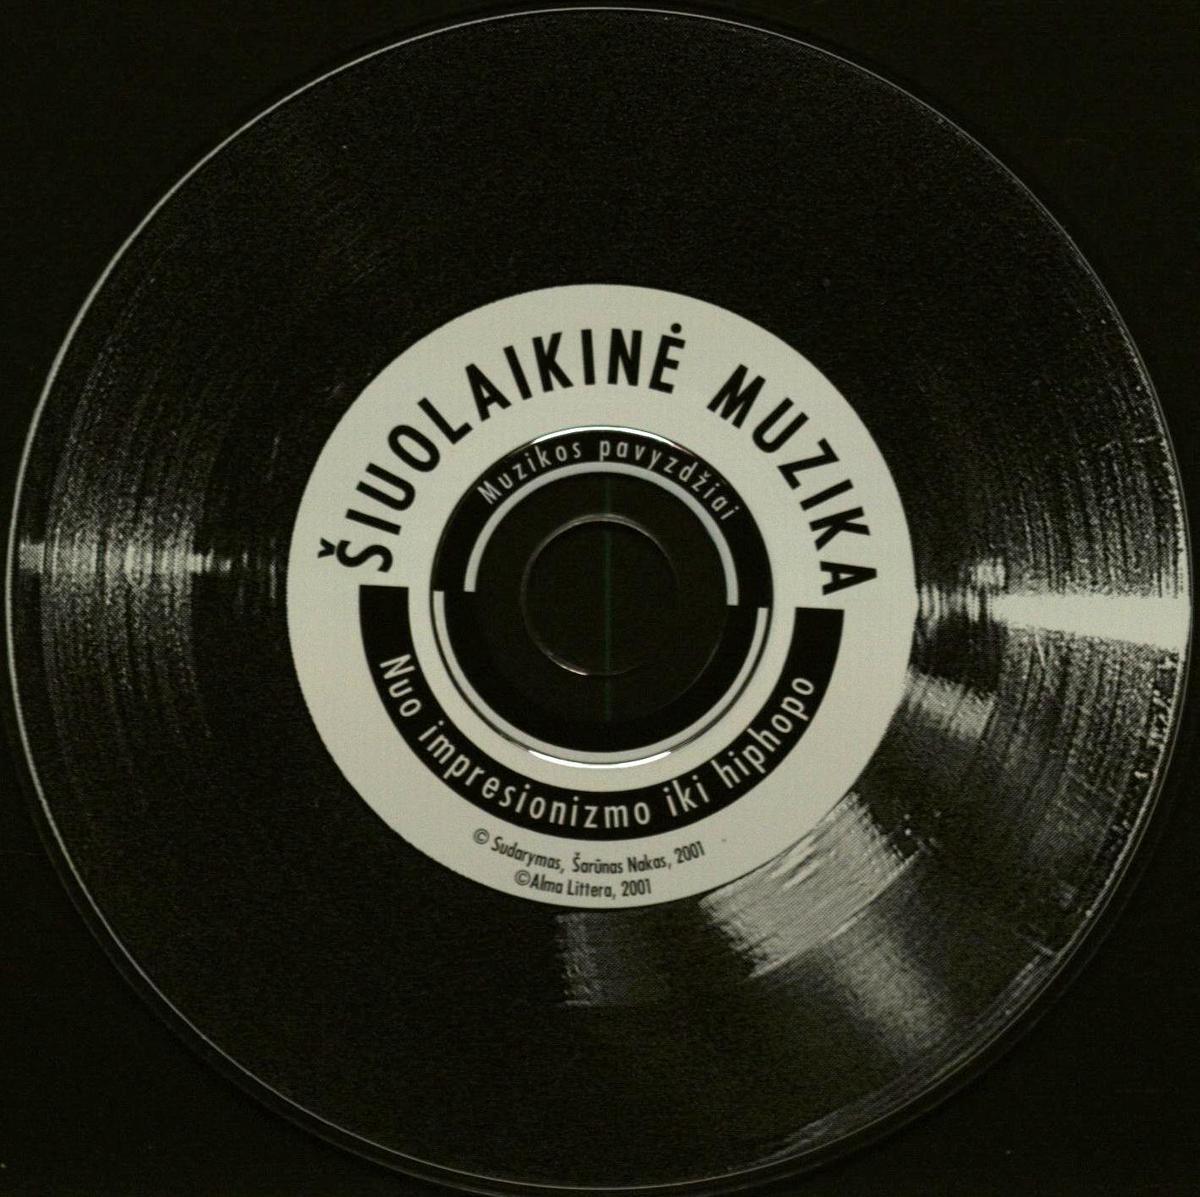 Šiuolaikinė muzika